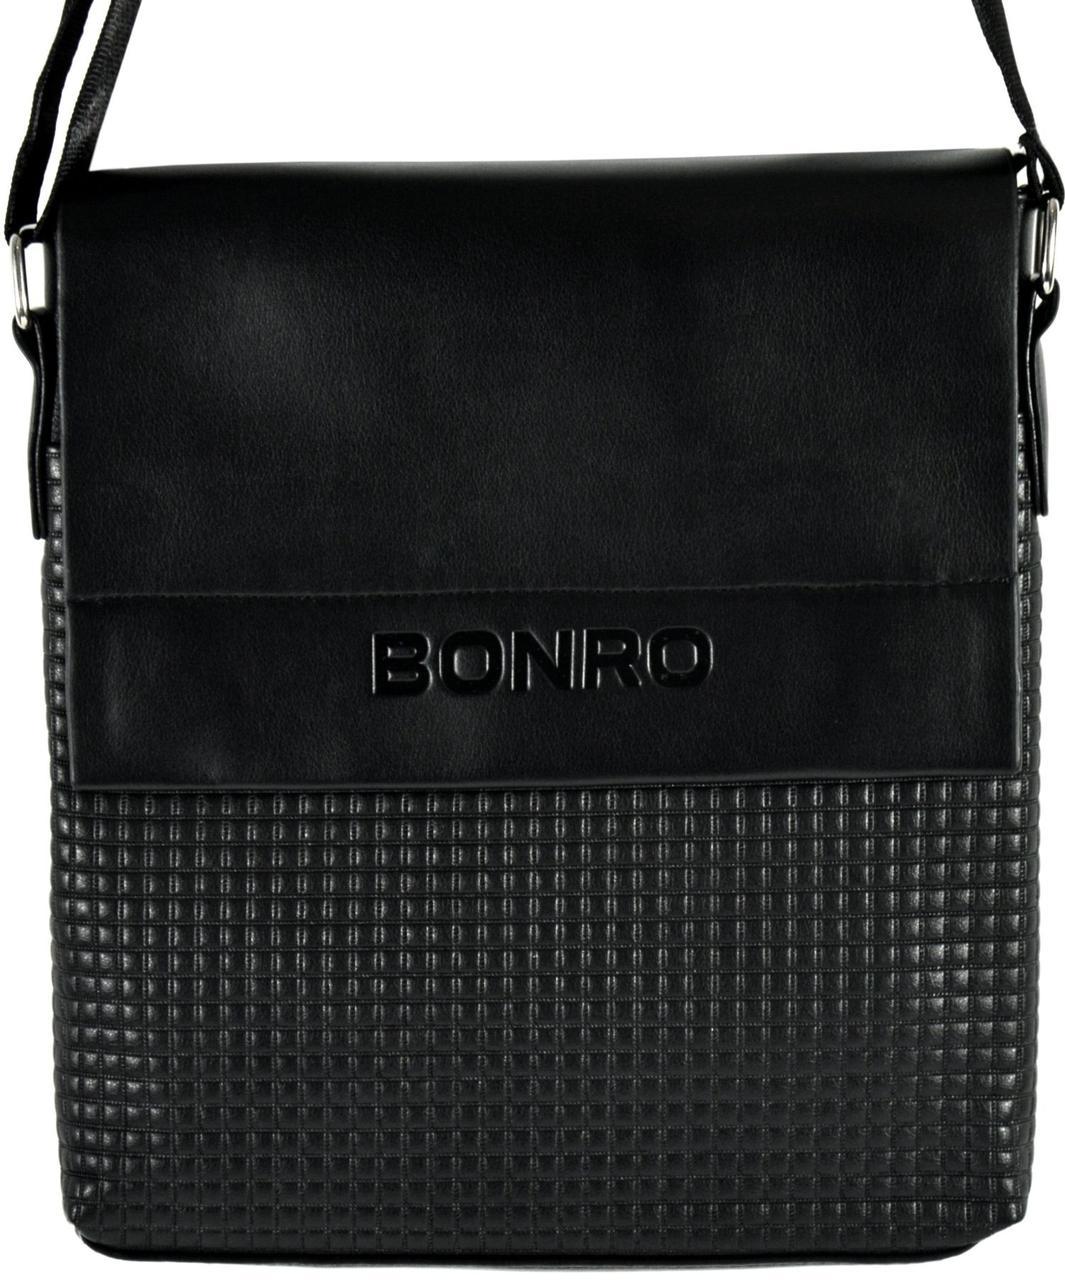 Сумка мужская Bonro через плечо черная Model 3